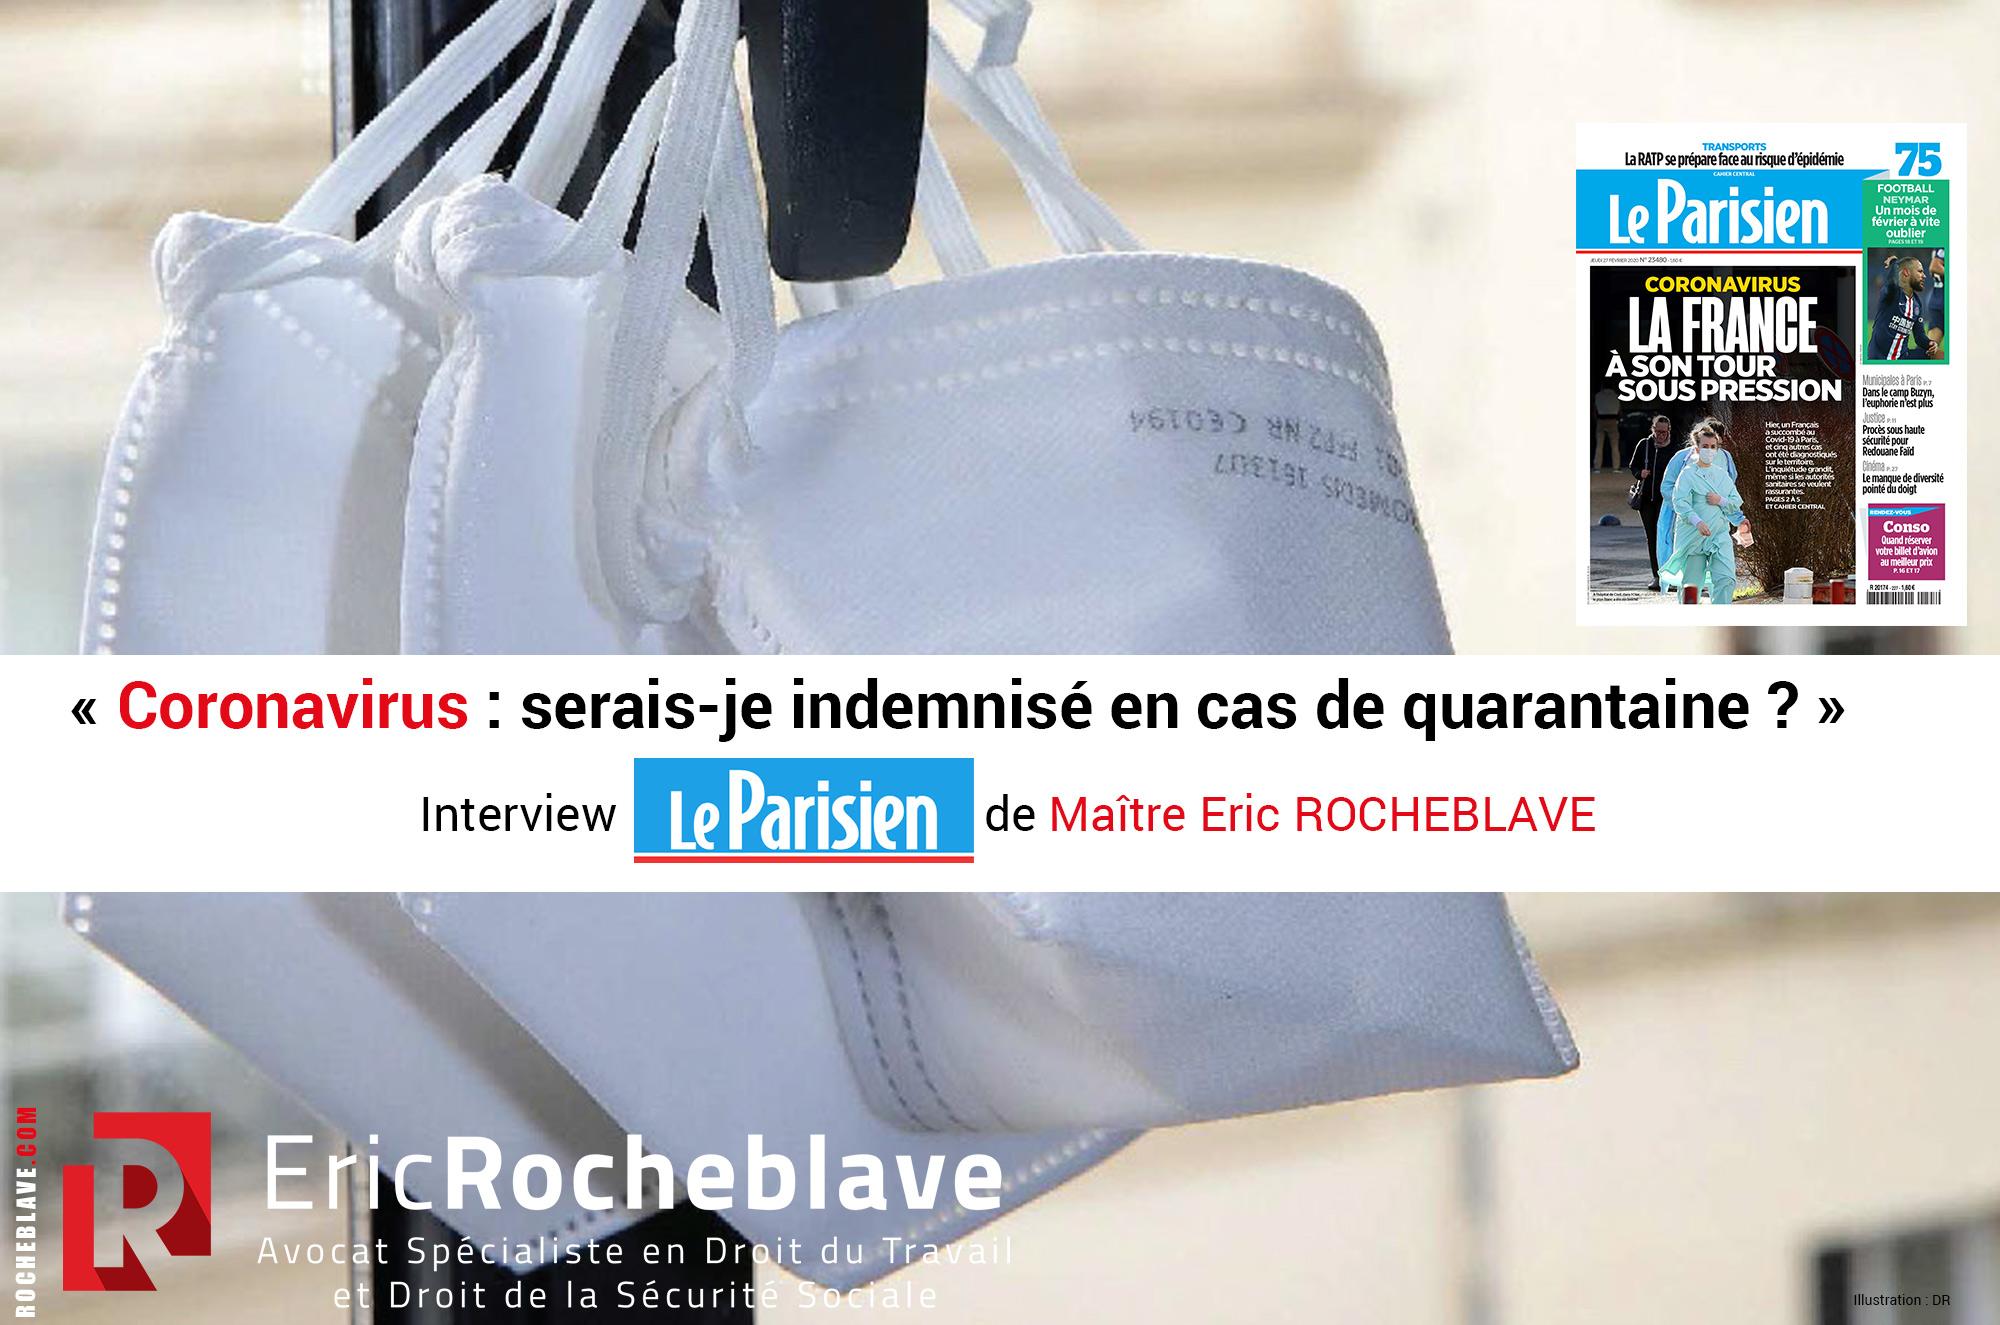 « Coronavirus : serais-je indemnisé en cas de quarantaine ? » Interview Le Parisien de Maître Eric ROCHEBLAVE